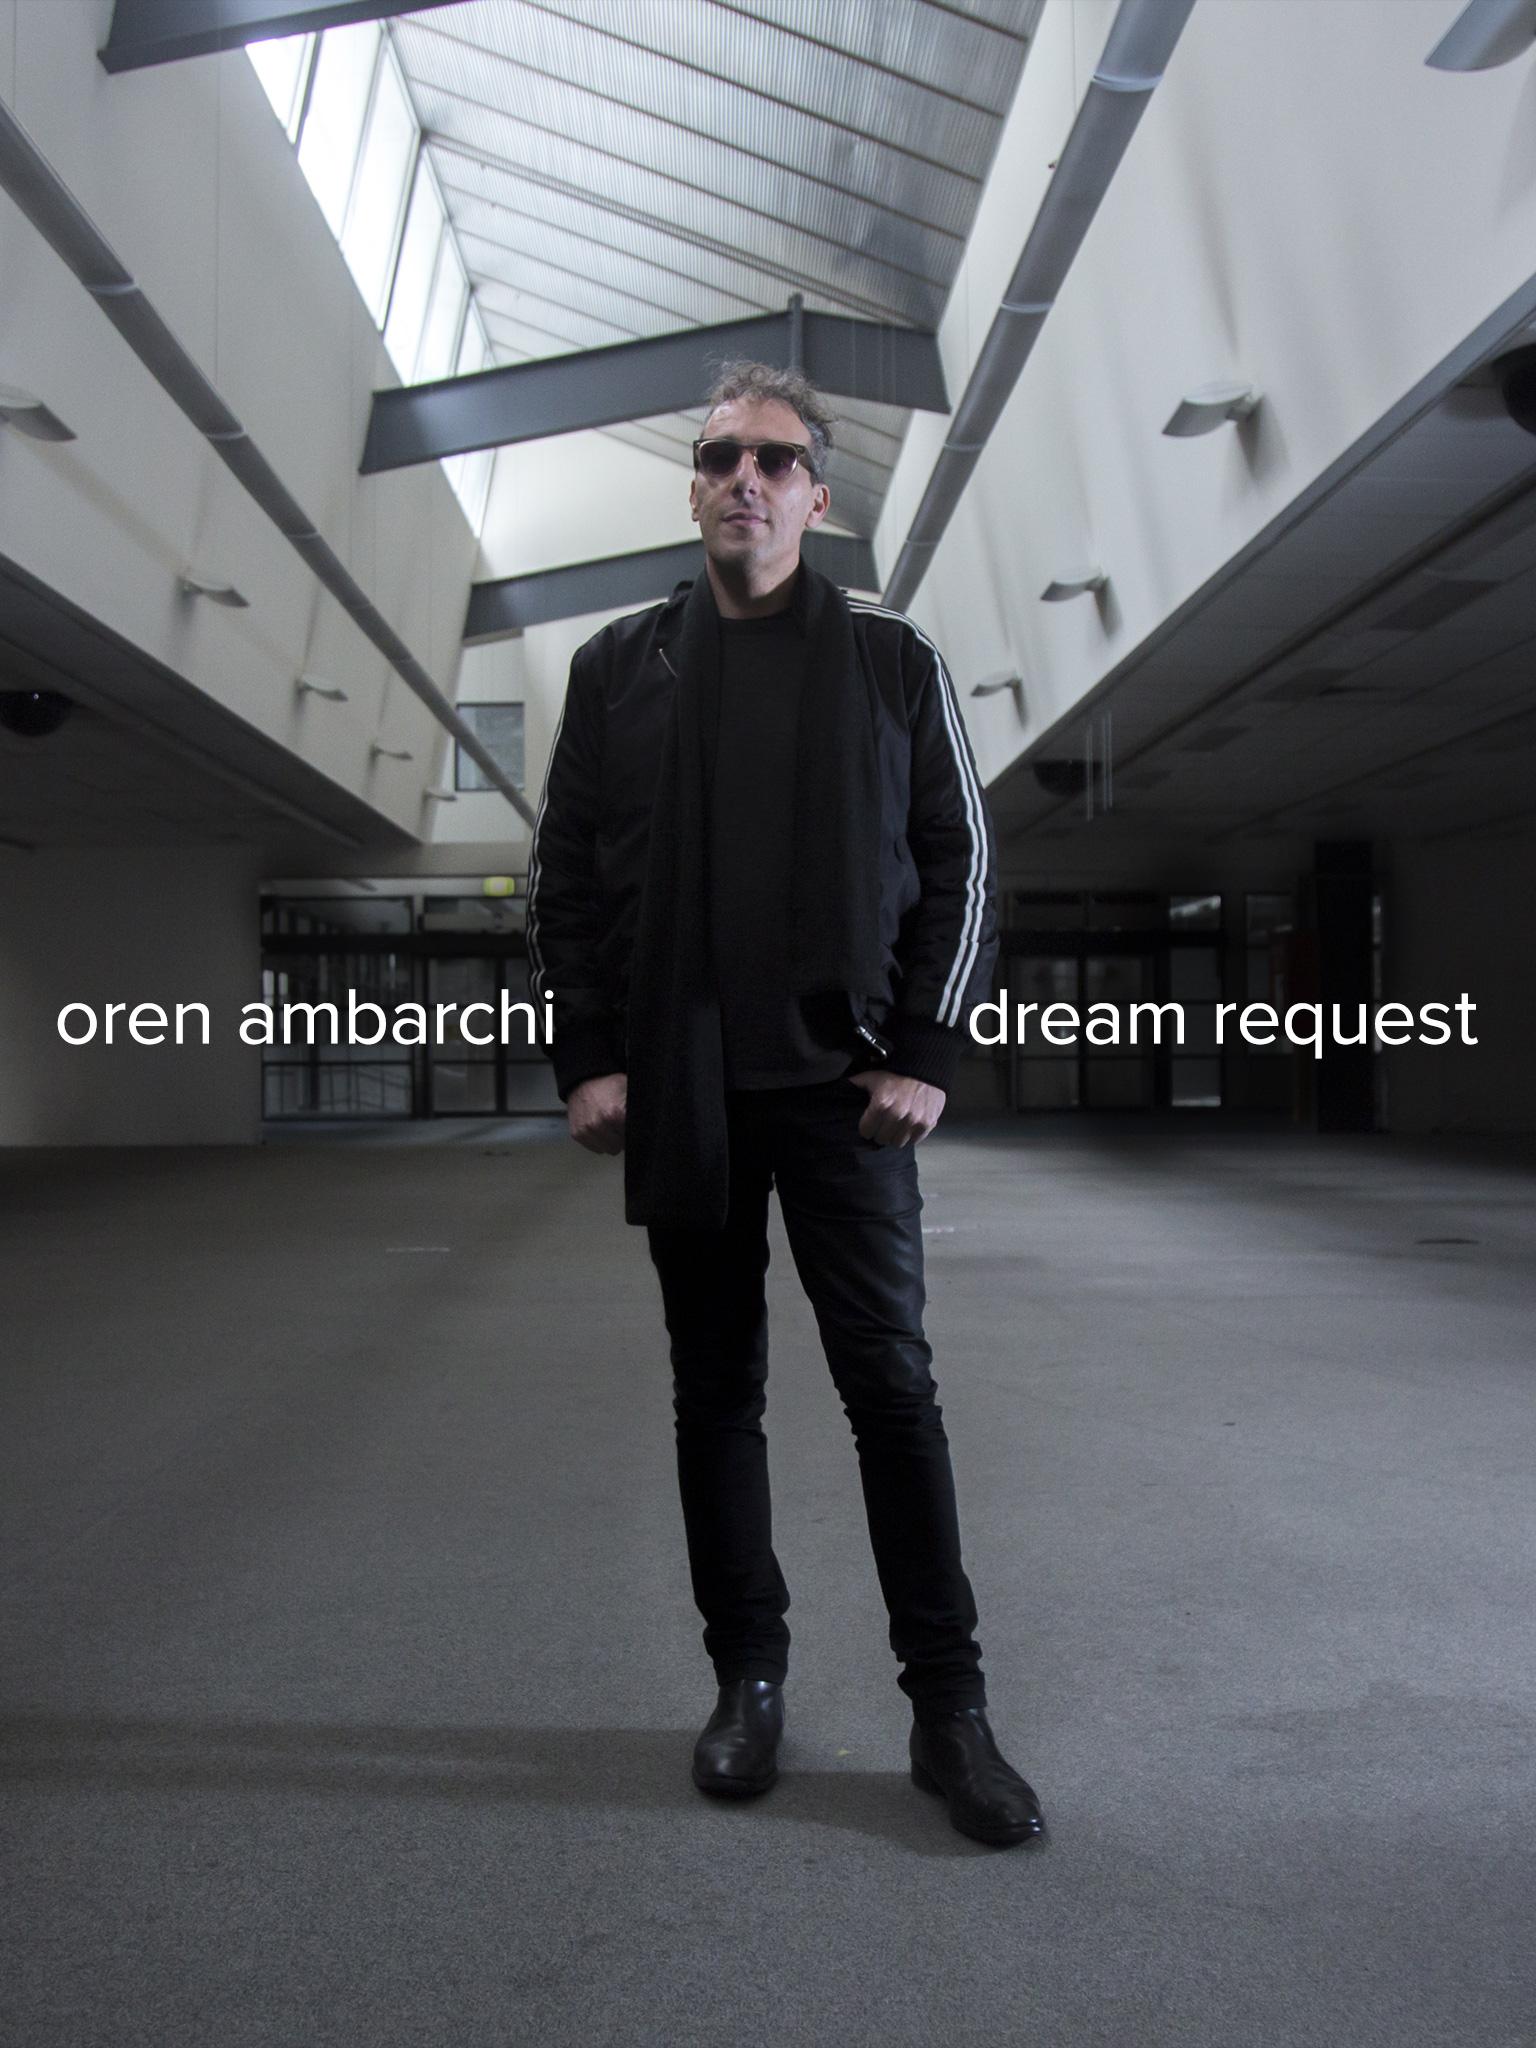 Oren Ambarchi: Dream request